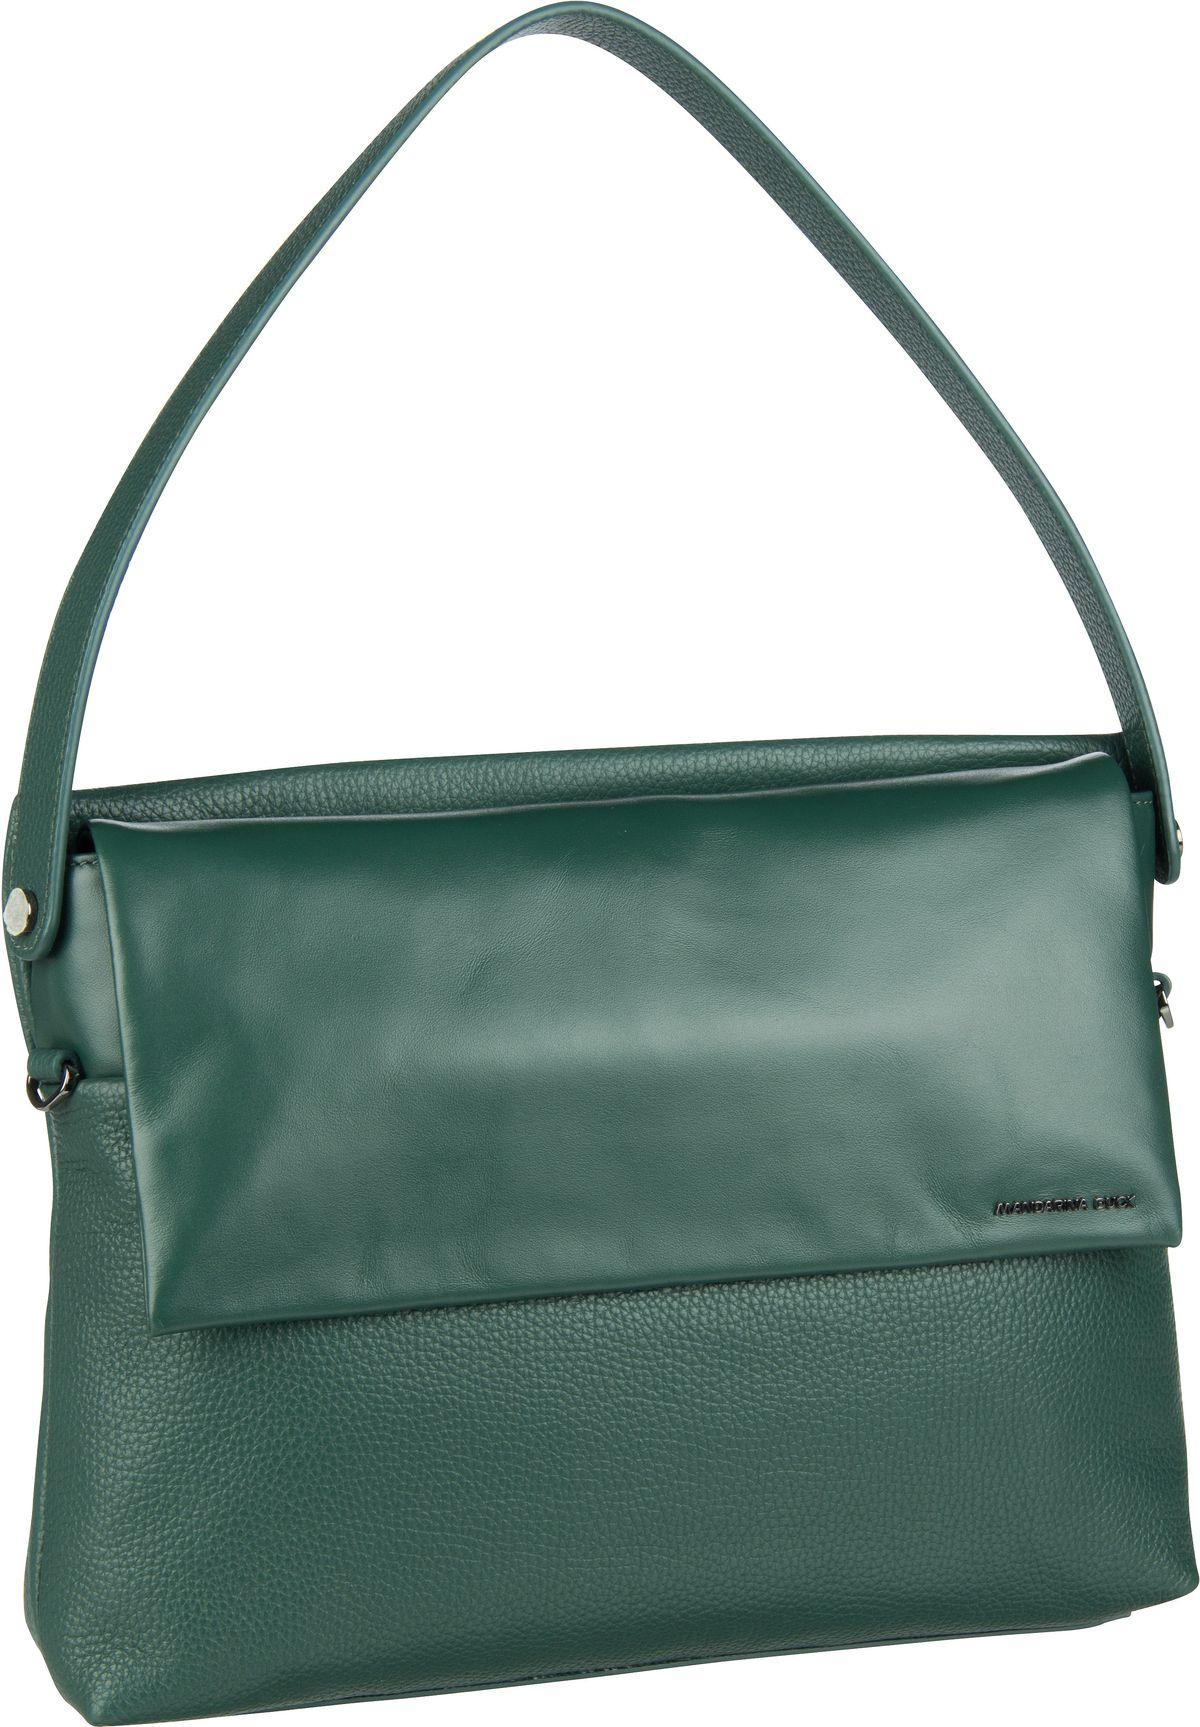 Handtasche Athena Shoulder Bag UPT13 Petrolio